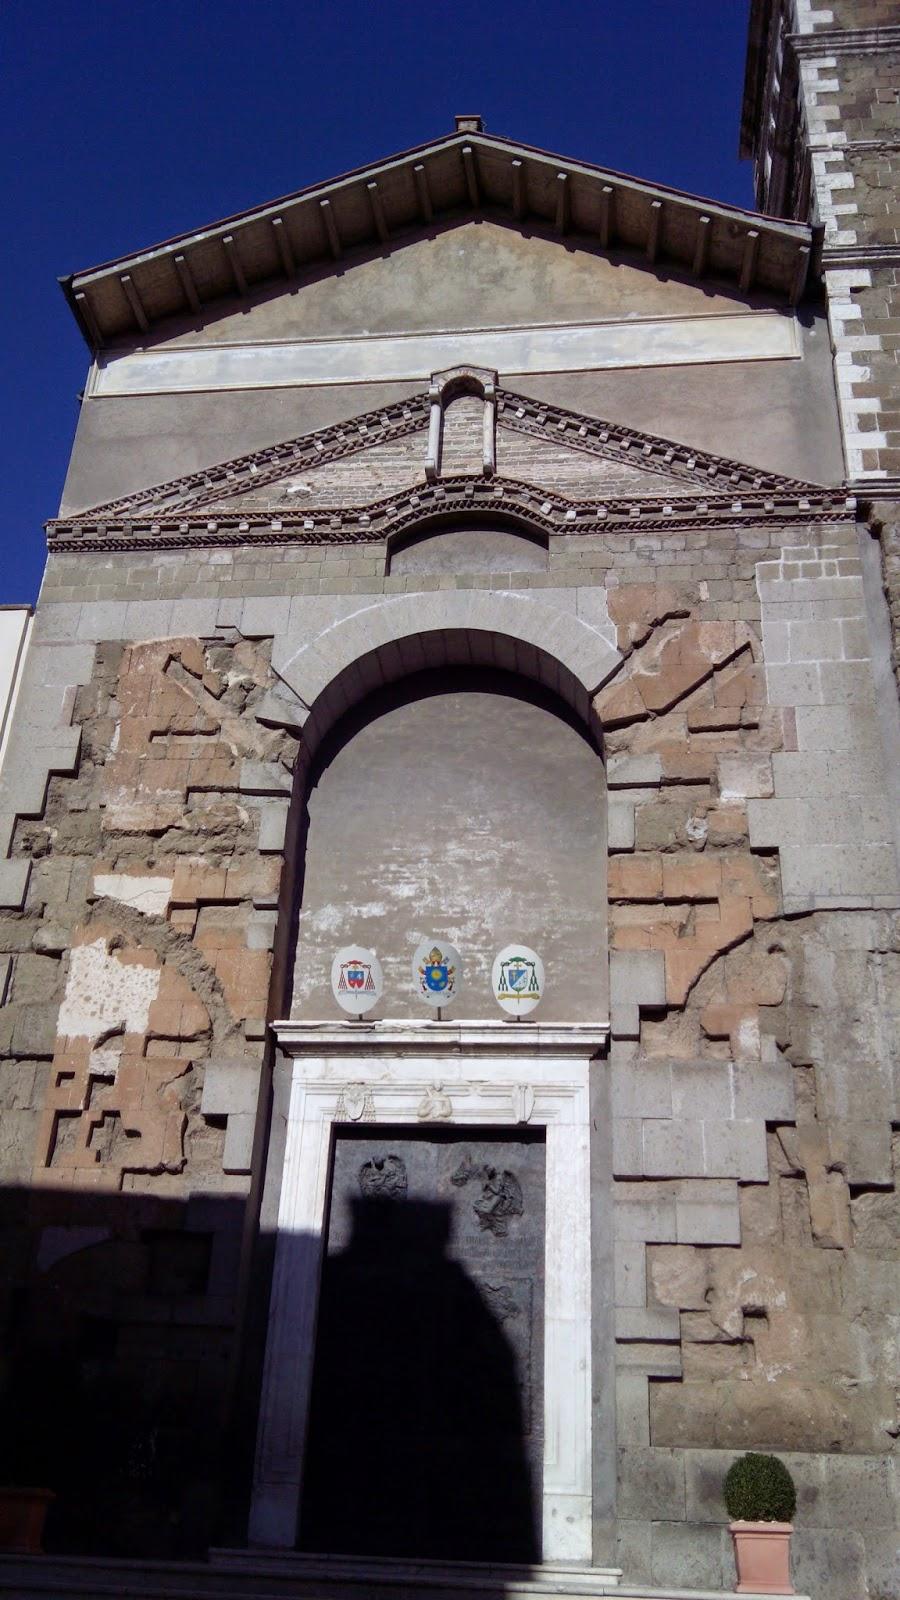 IMG 20141114 132518 - Bate-e-volta à Palestrina